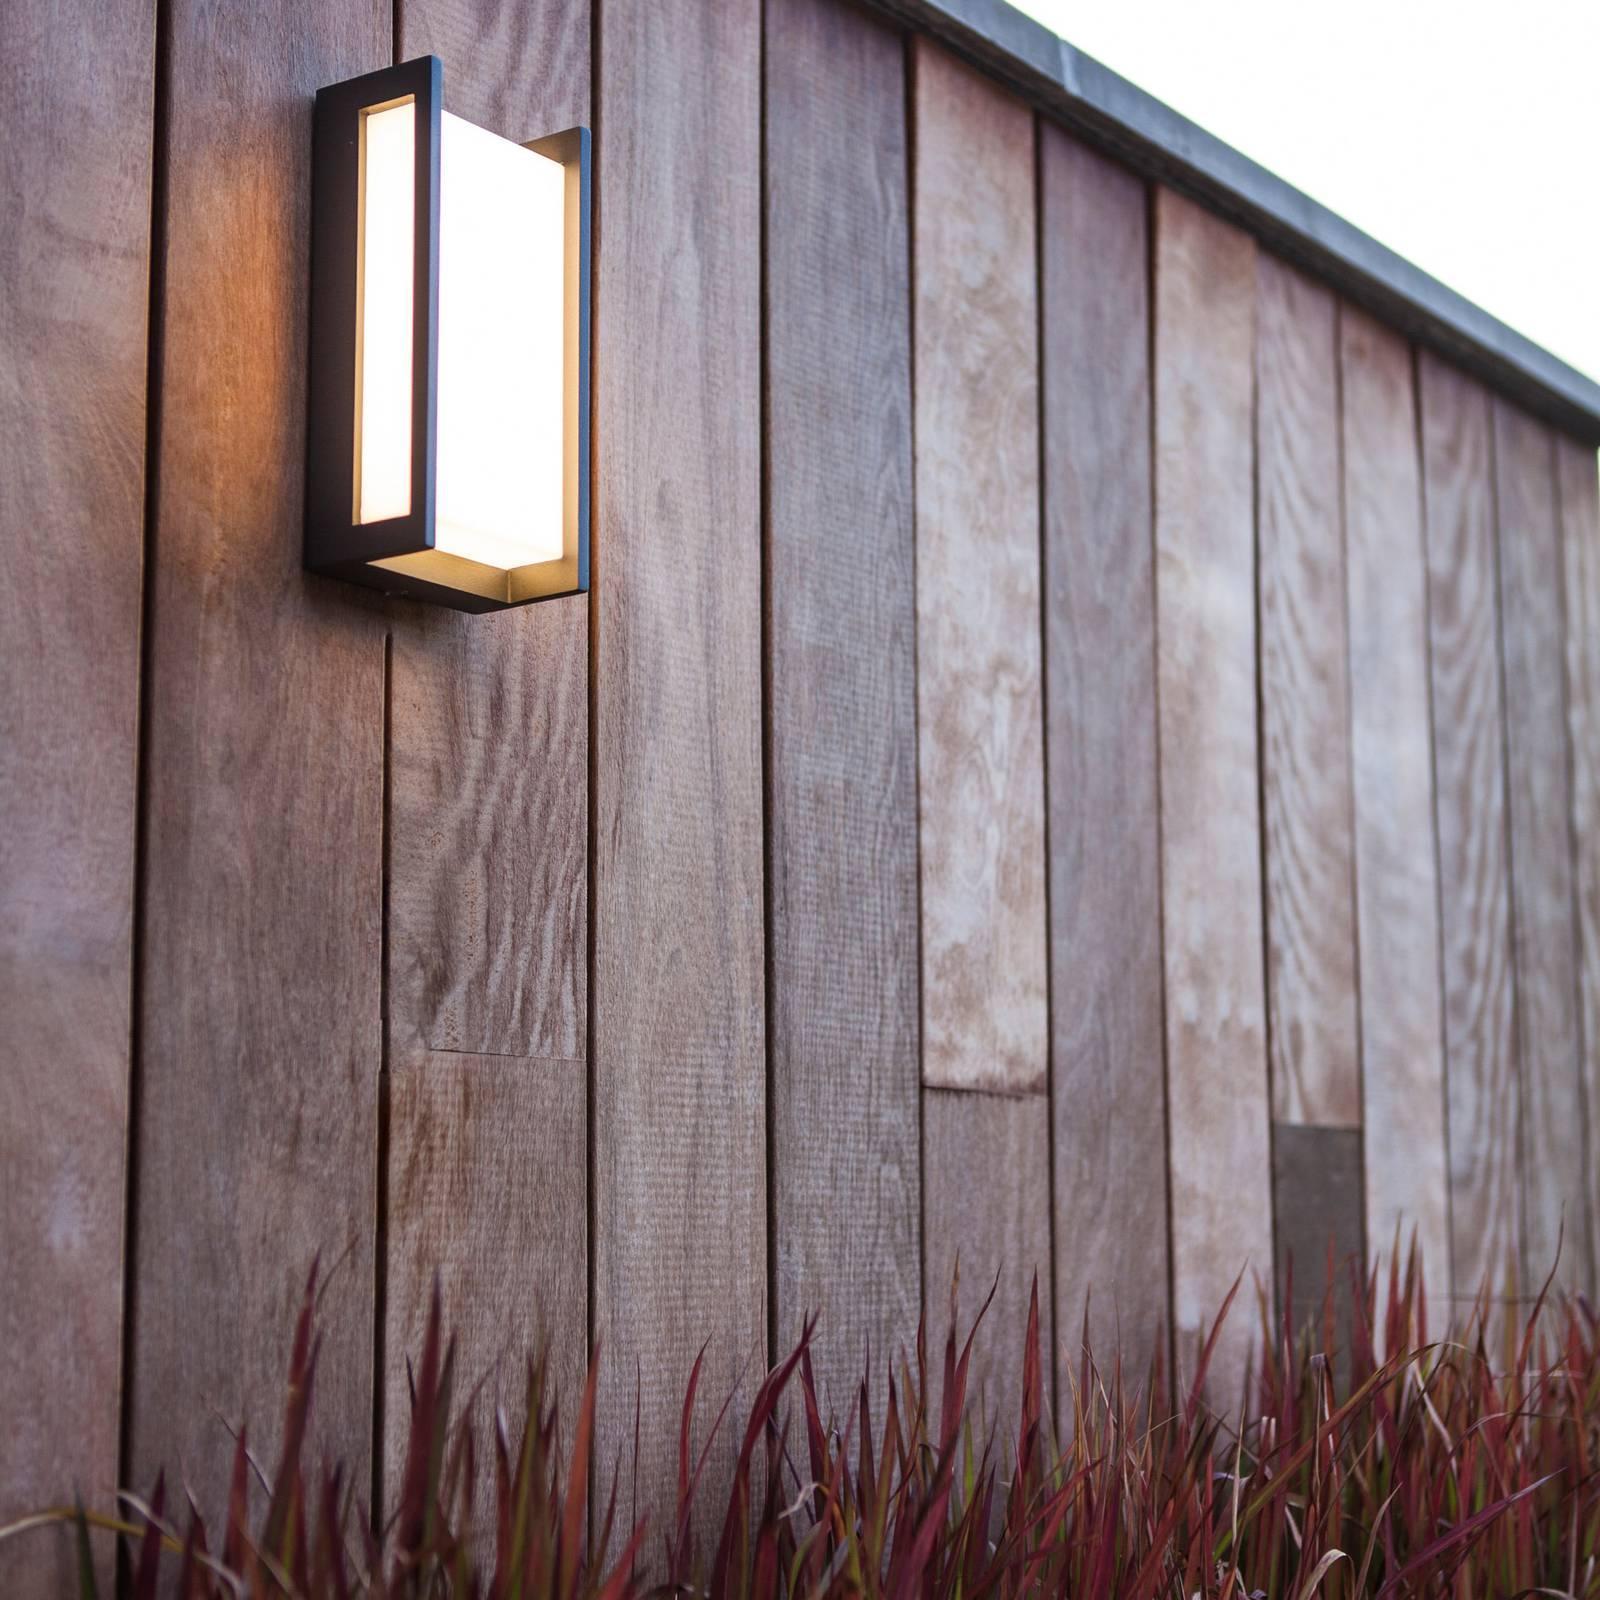 LED-ulkoseinälamppu Qubo, RGBW, älykäs ohjaus